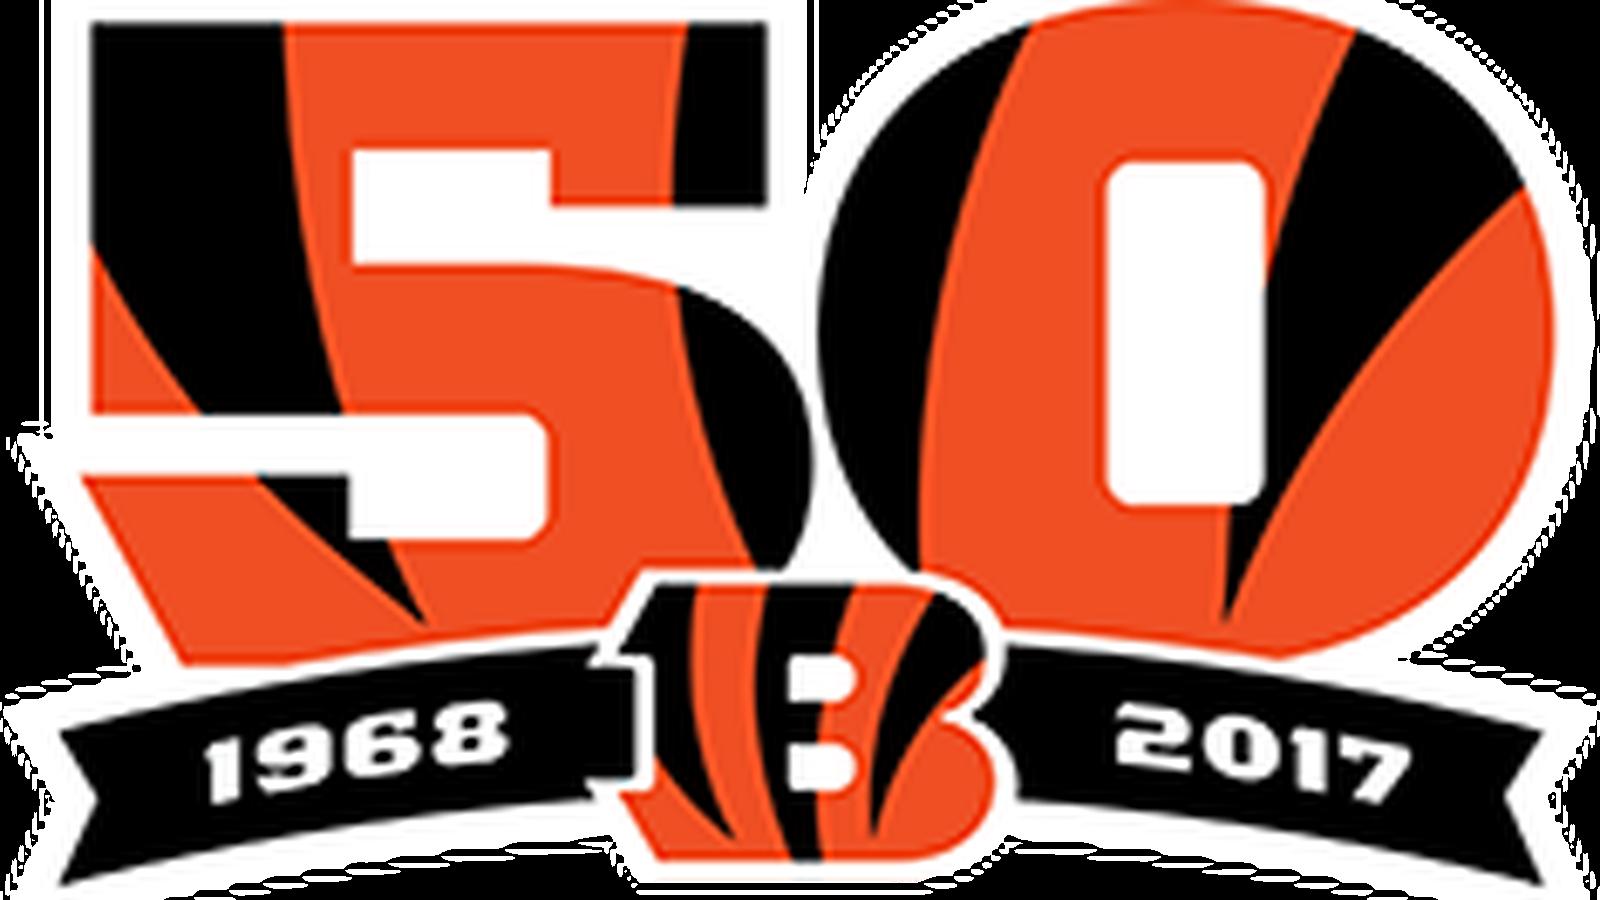 Gbl_header_logo_50.0